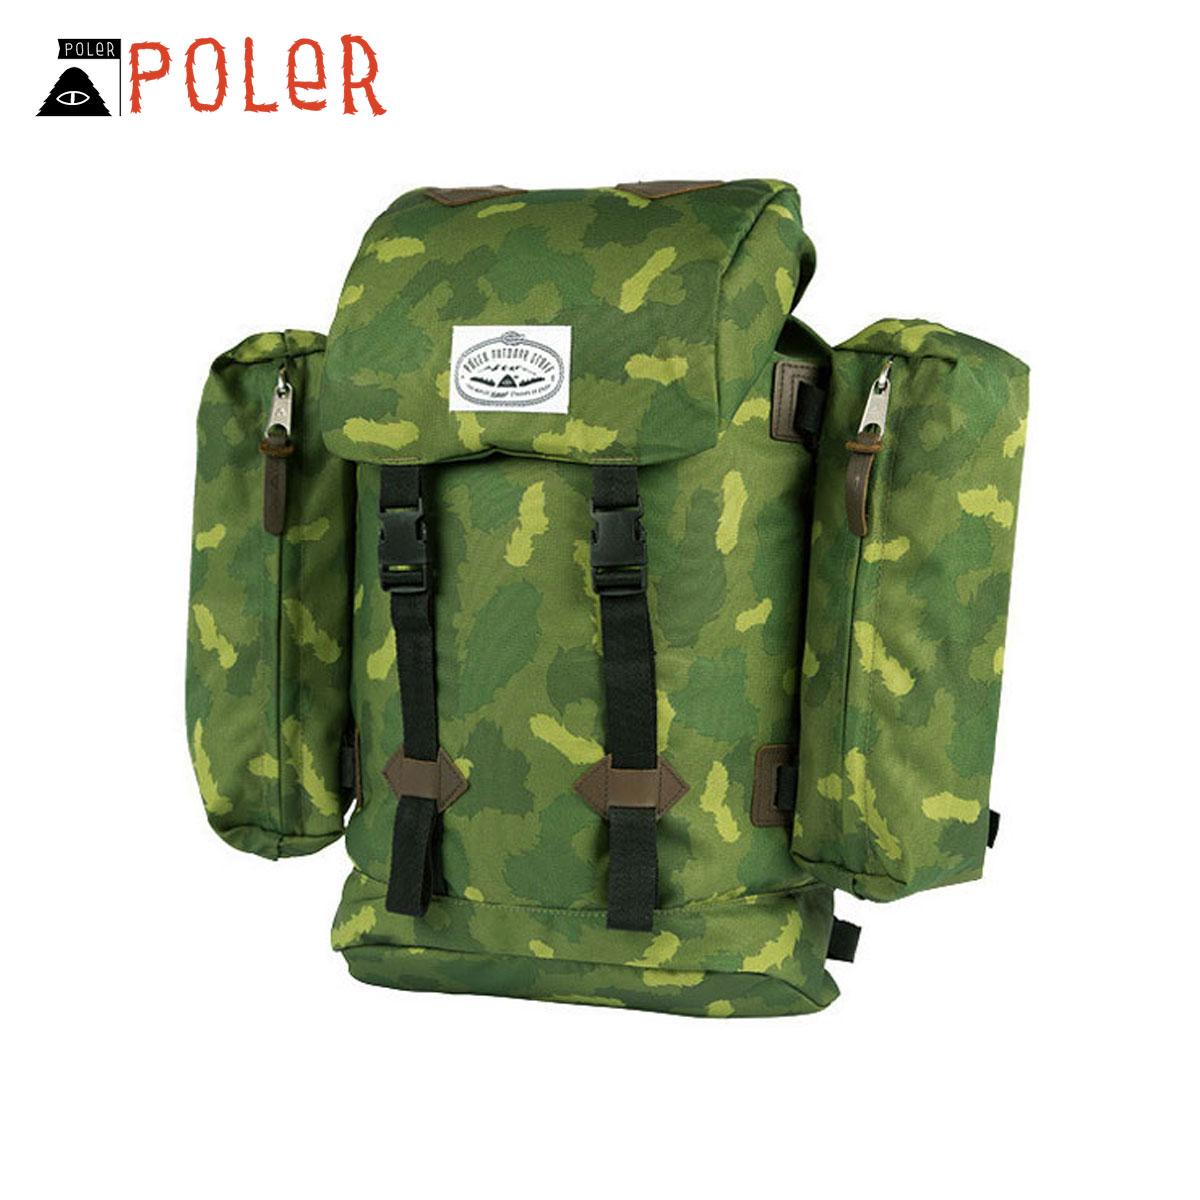 ポーラー POLER 正規販売店 バックパック リュックサック RETRO RUCKSACK 532020-GCO GREEN CAMO D15S25